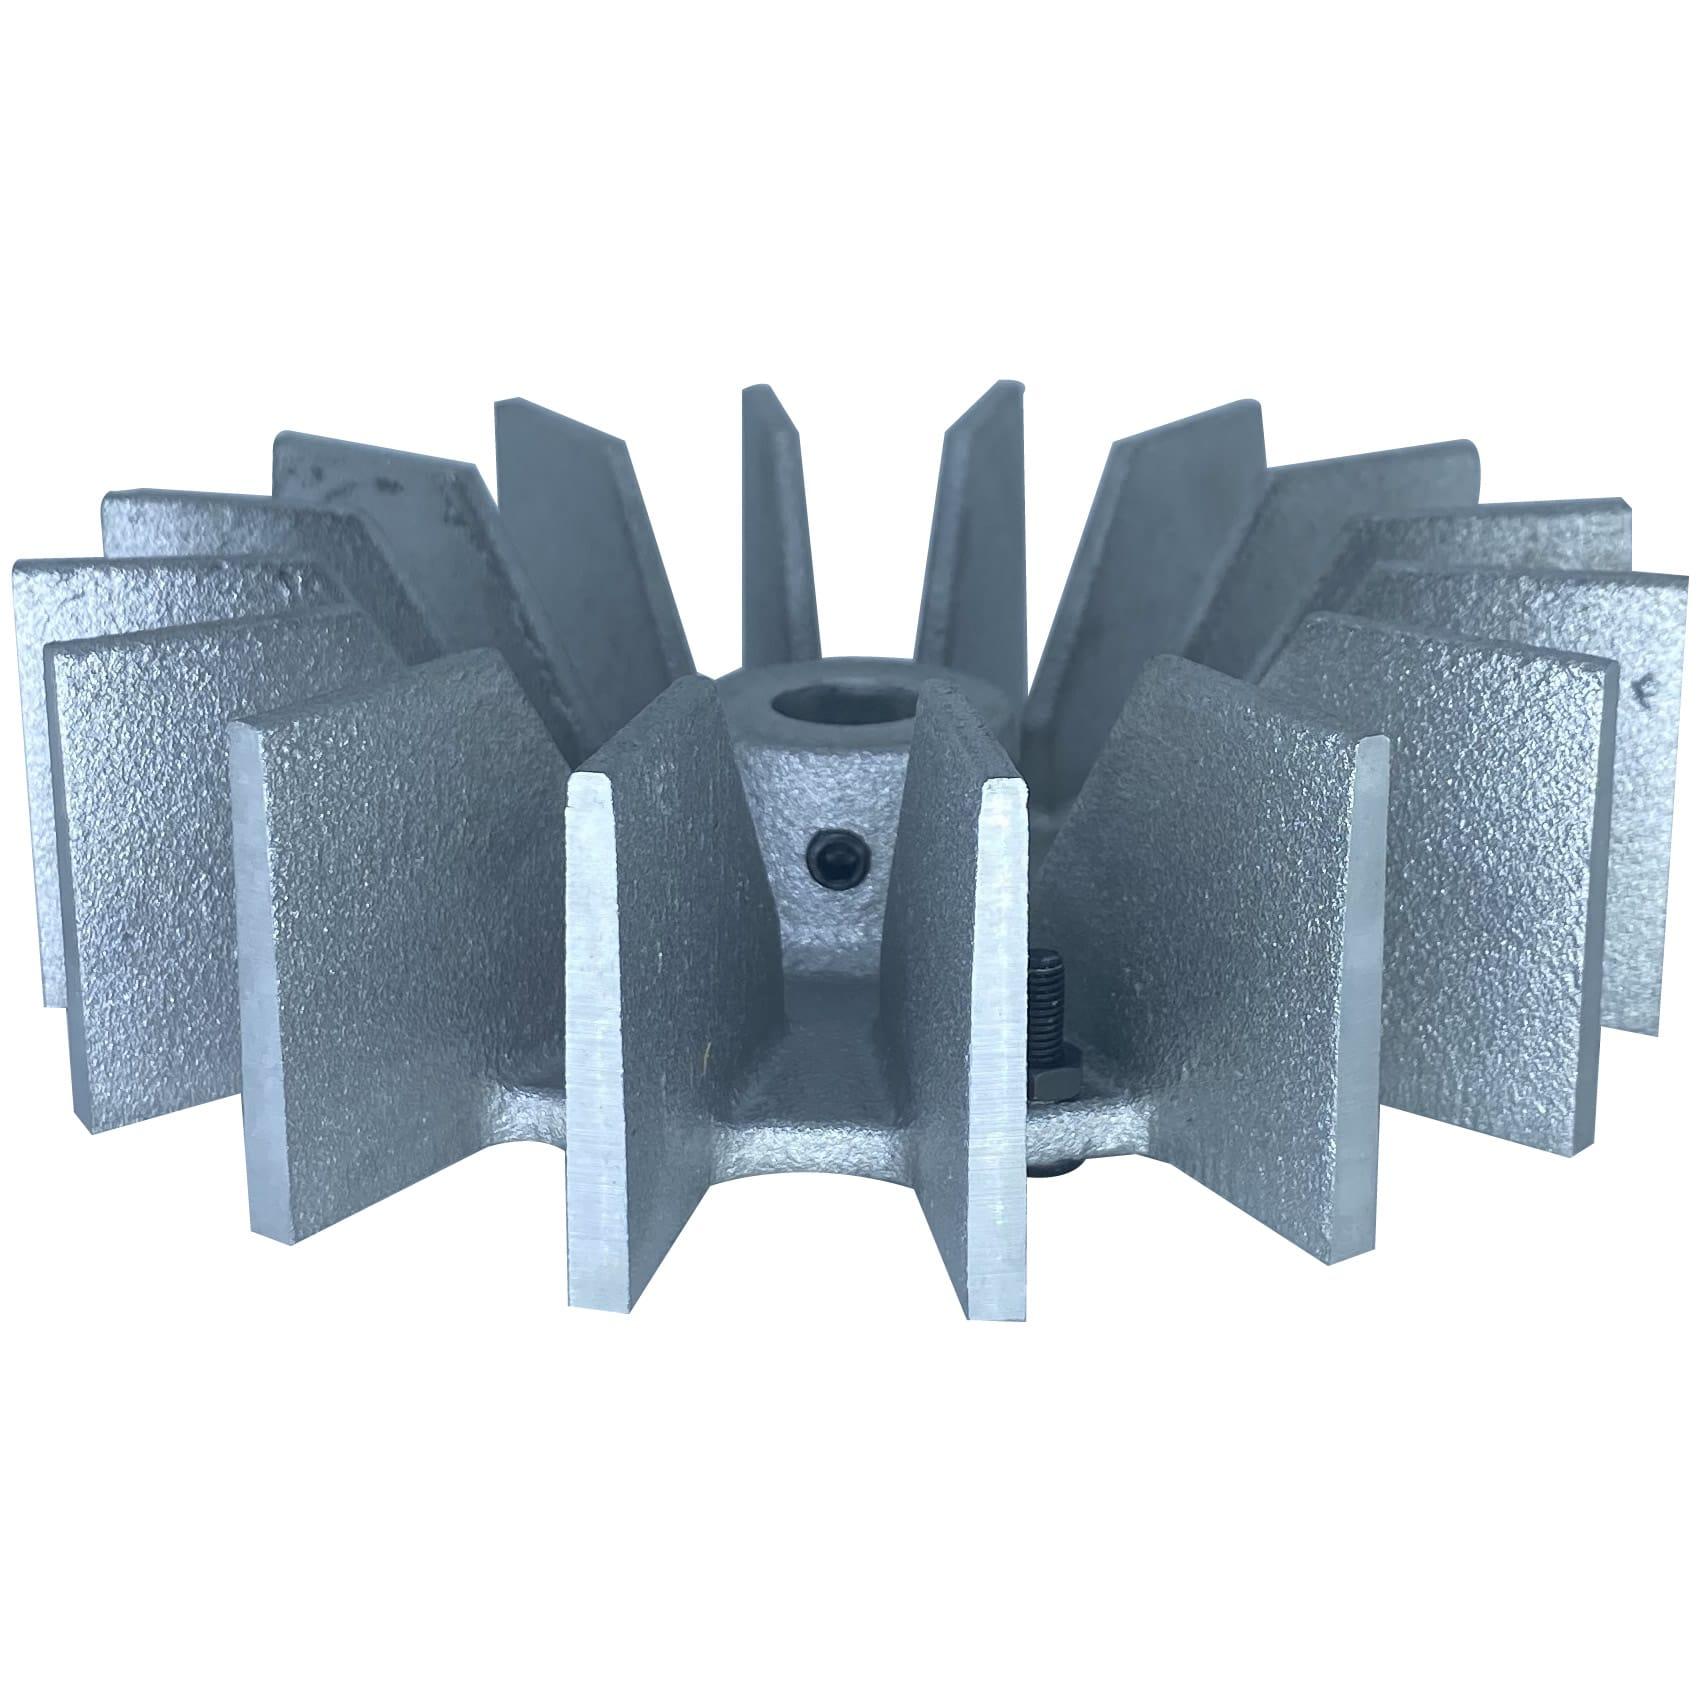 Ventoinha Radial Condor Alumínio | Ventisilva